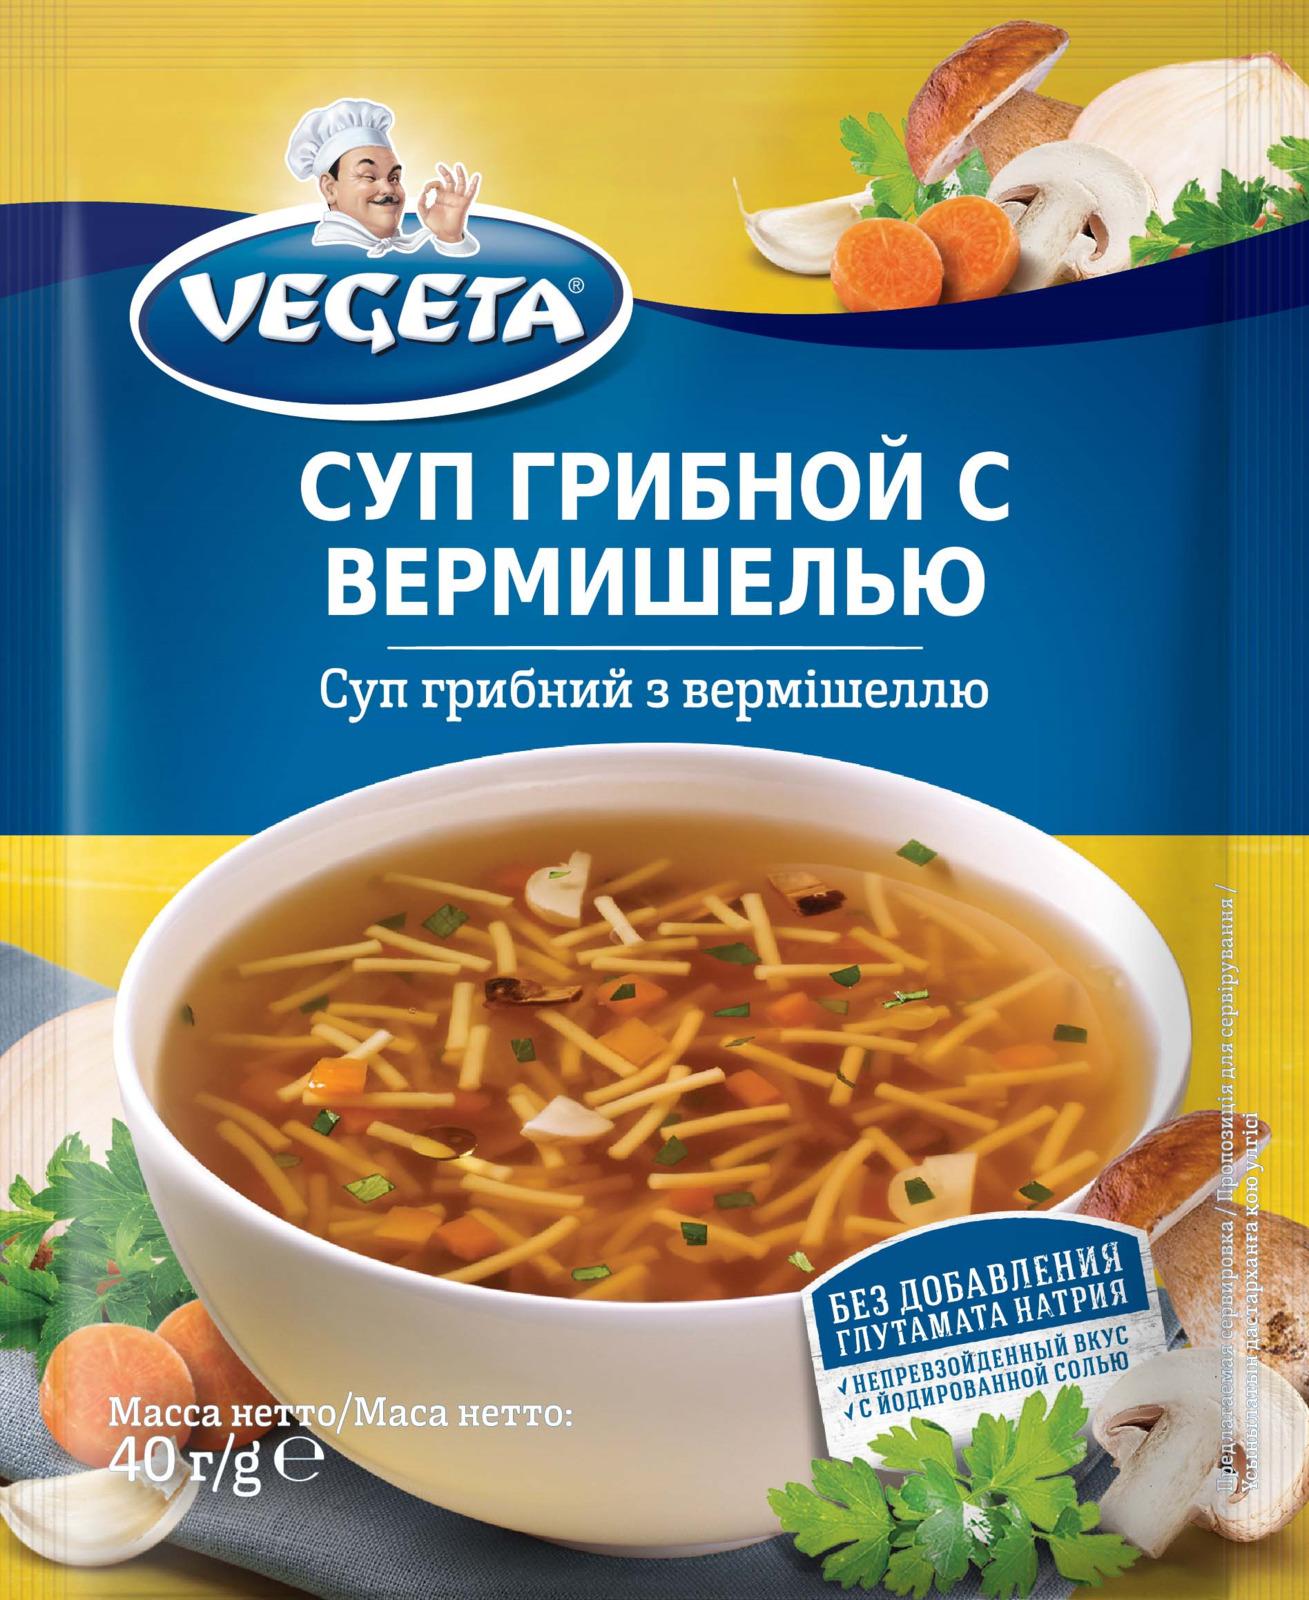 Суп быстрого приготовления Vegeta Грибной с вермишелью, 40 г